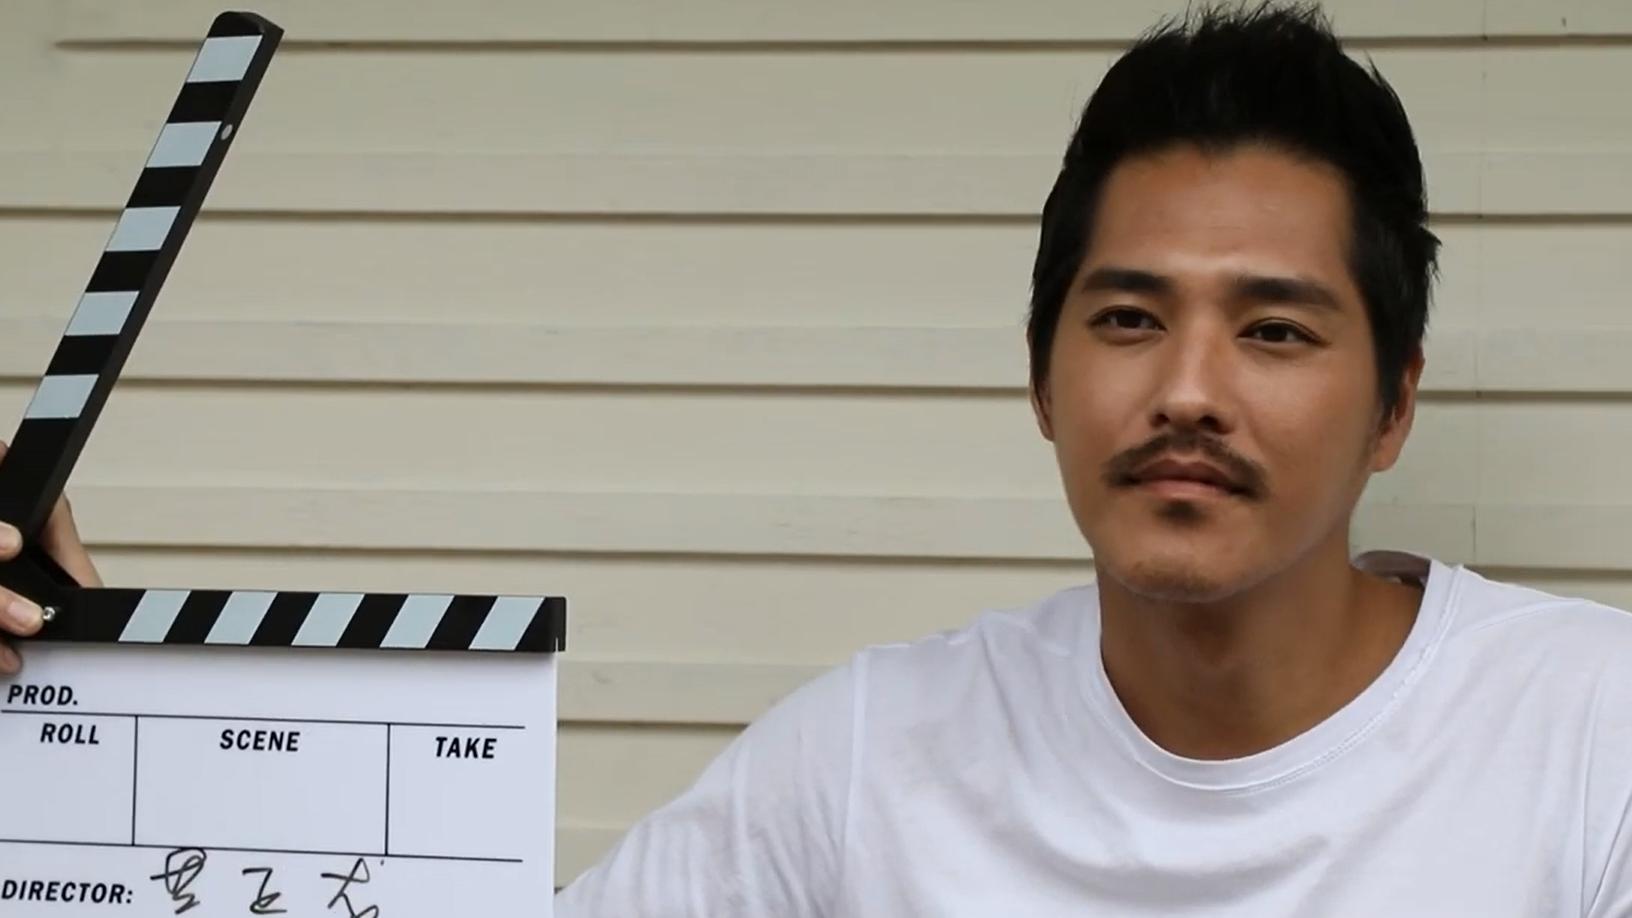 影帝蓝正龙首次导电影,唐氏症小孩当选男主,台词只看两遍就过关